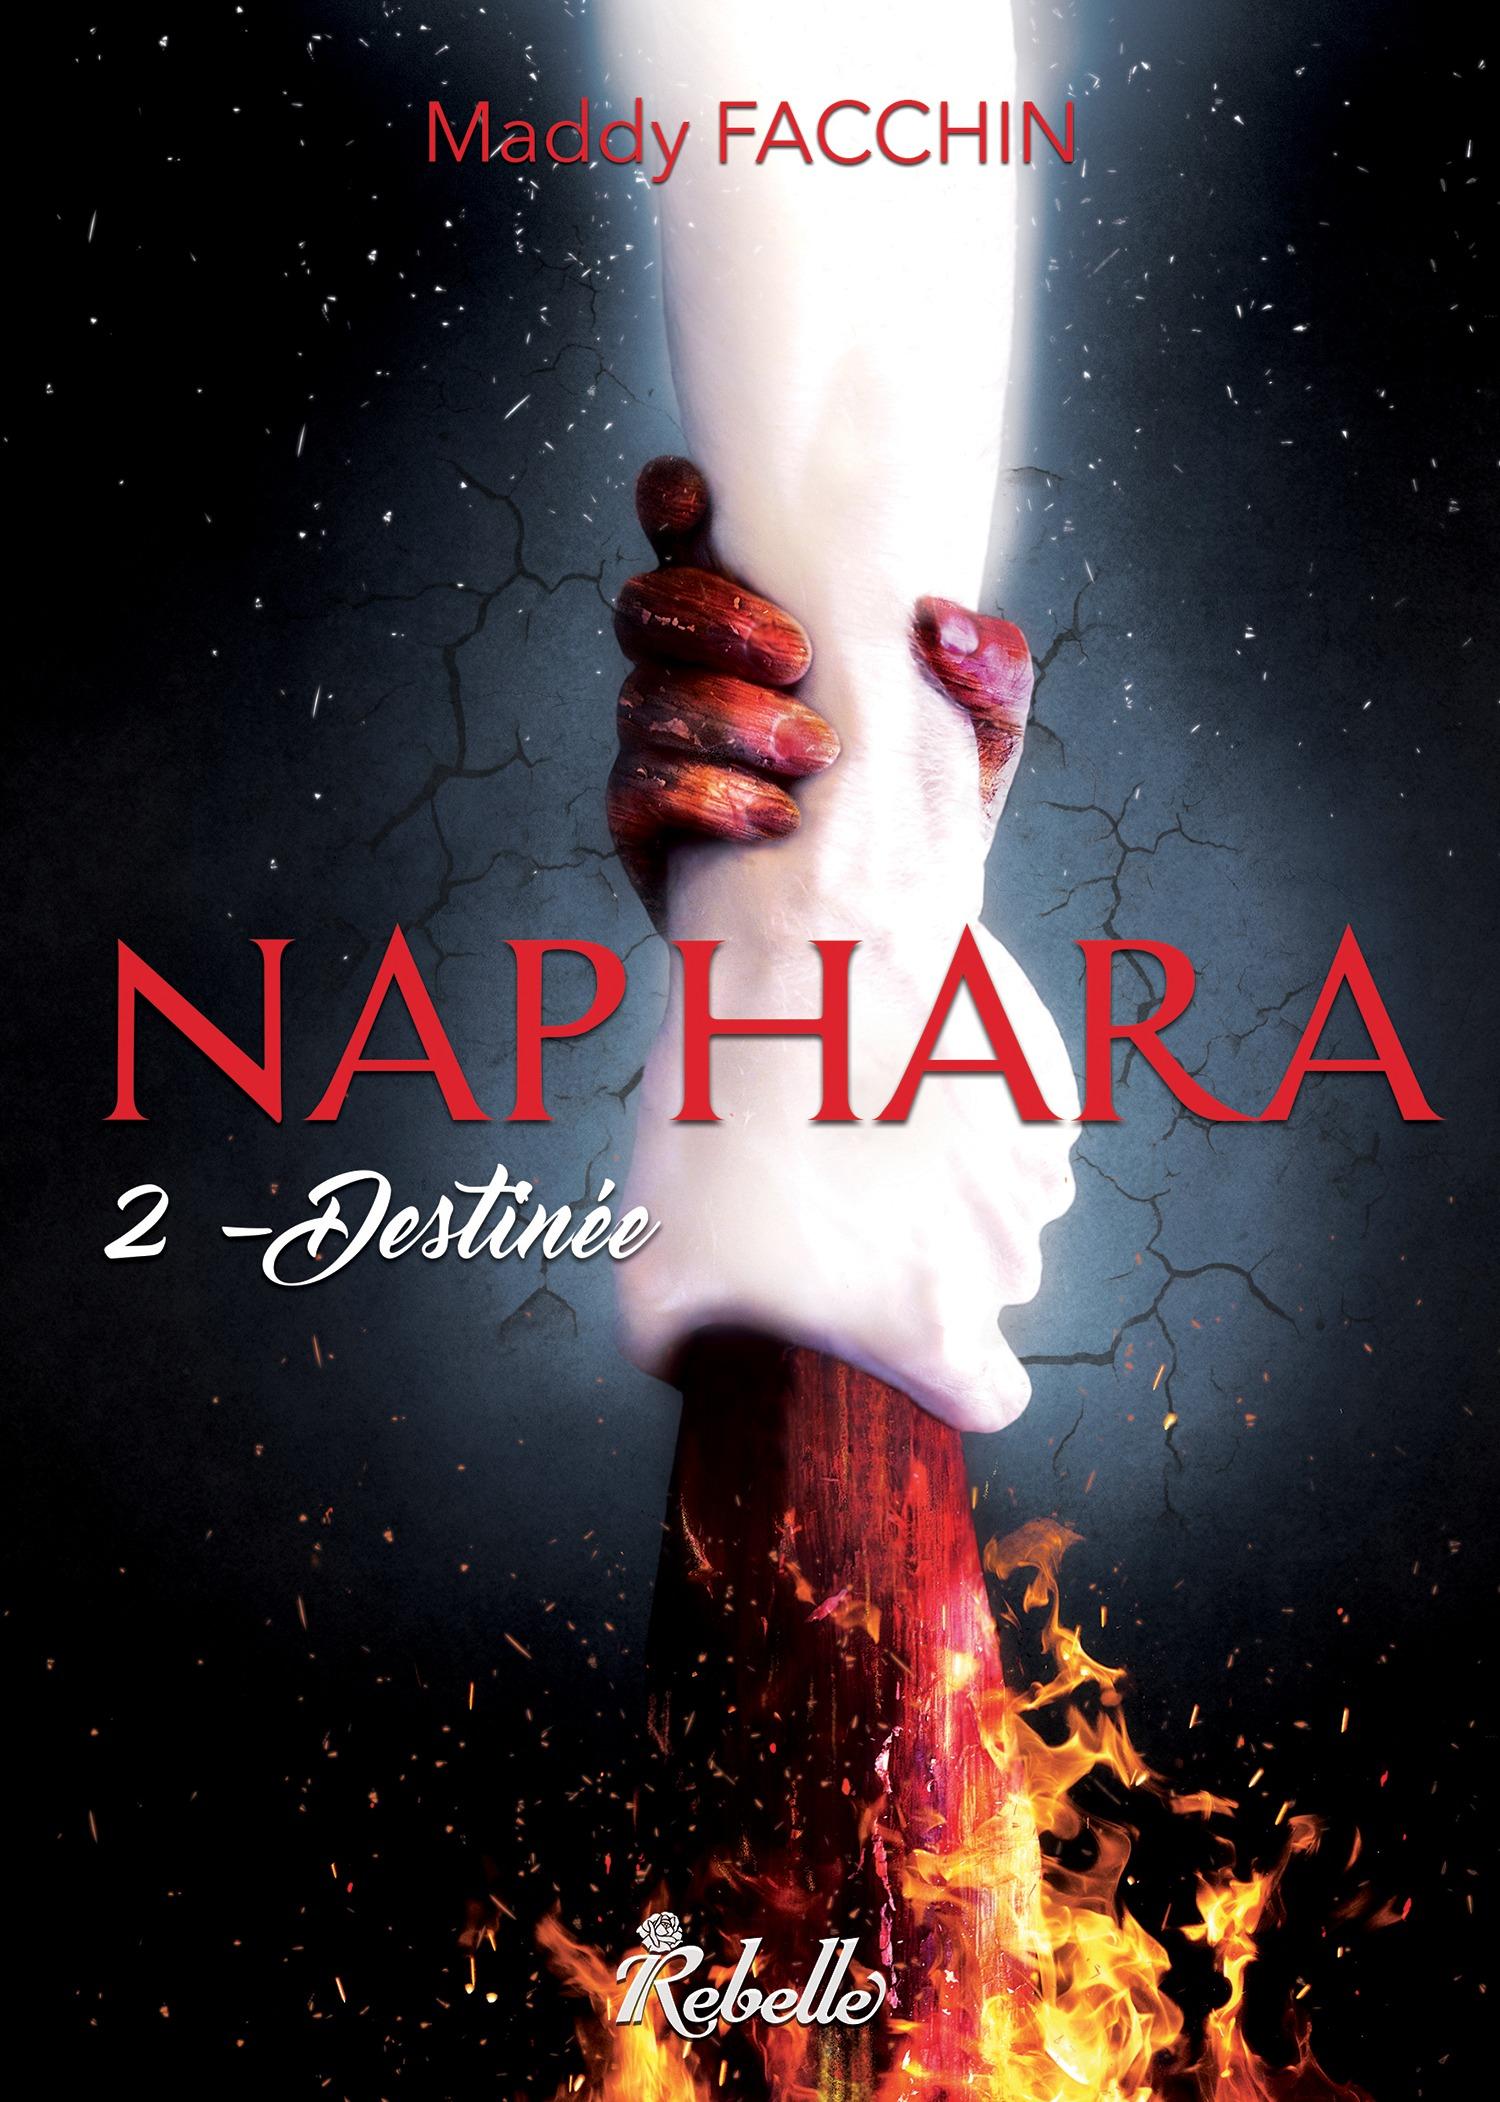 Naphara